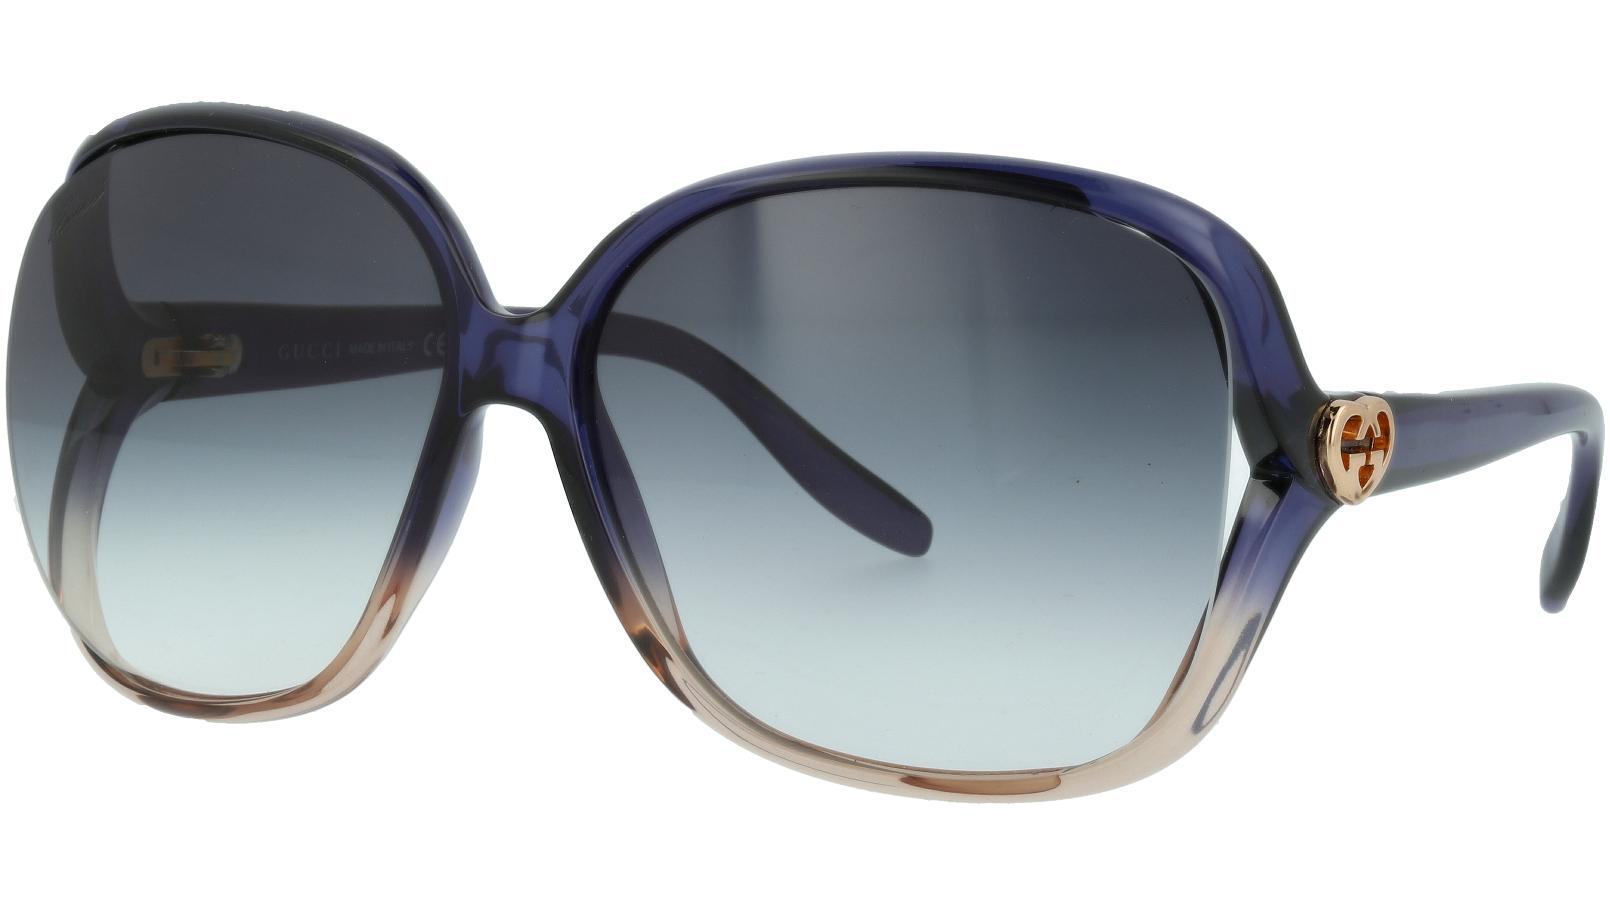 GUCCI GG3500S WNTUA 60 PURPLE Sunglasses